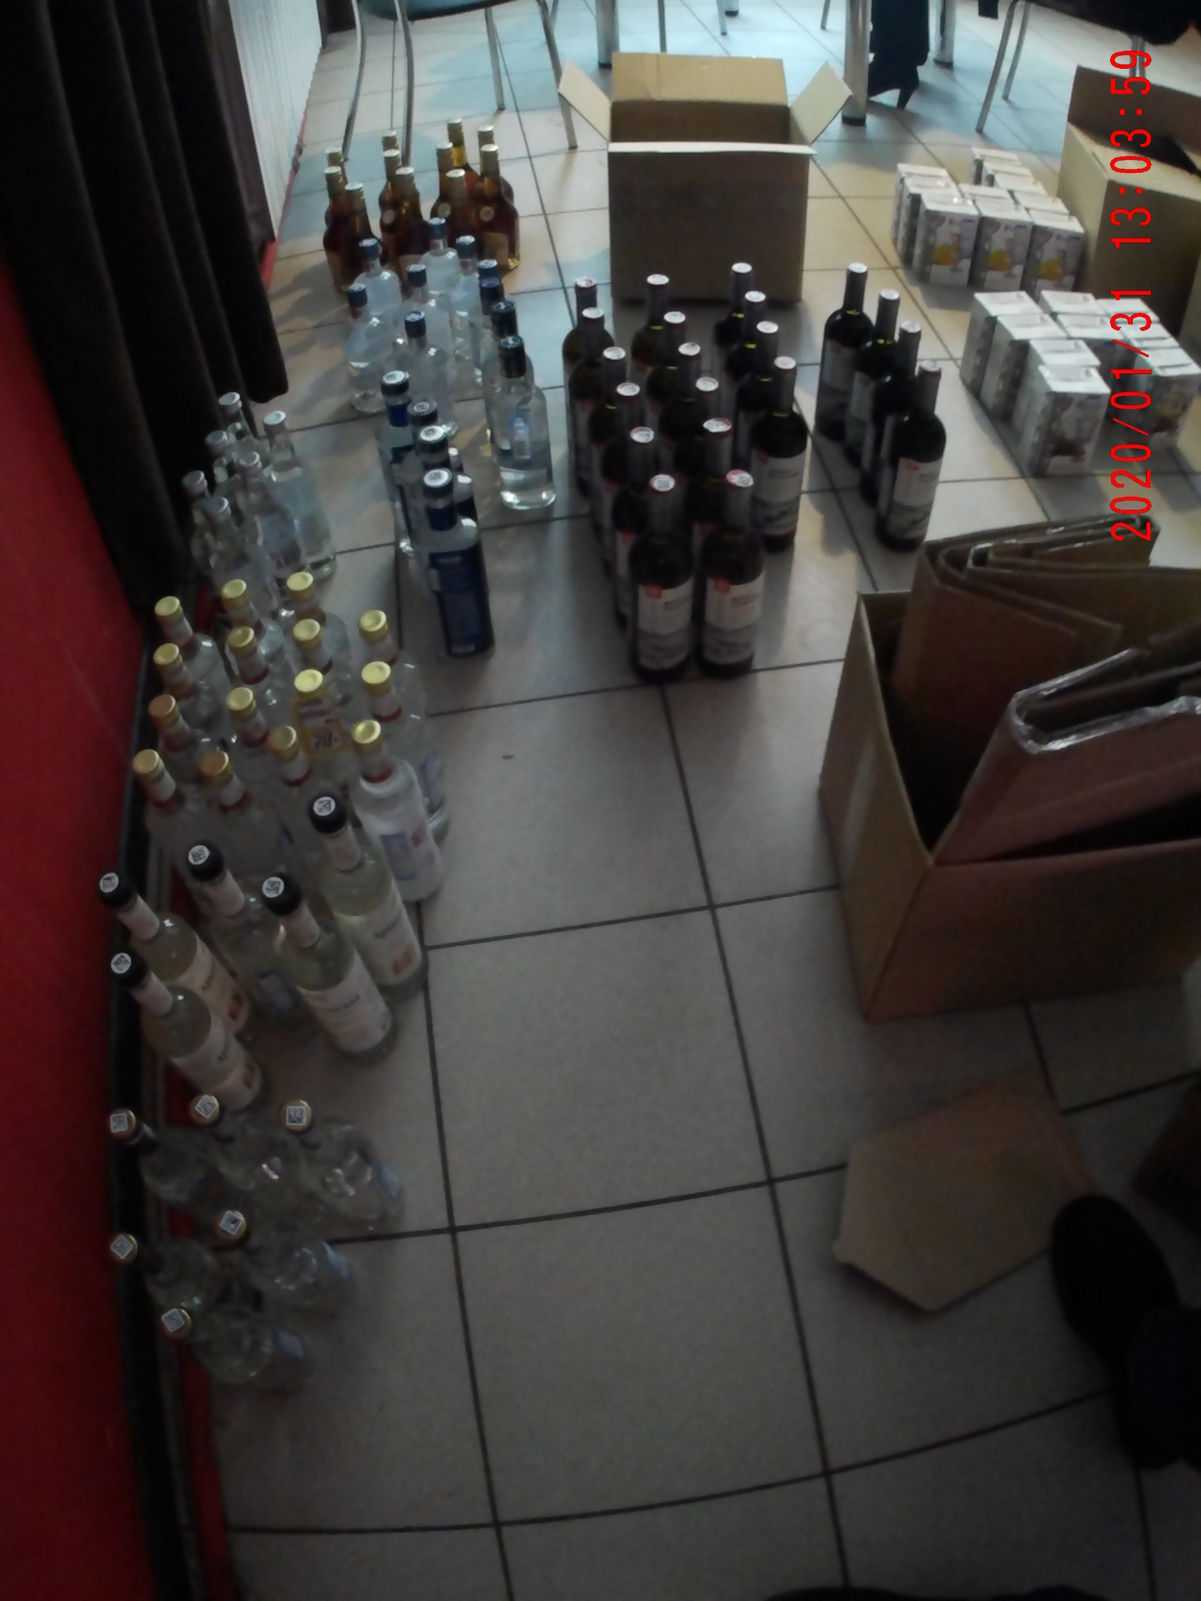 В Дзержинском районе Ярославля изъяли около 80 литров нелегального алкоголя